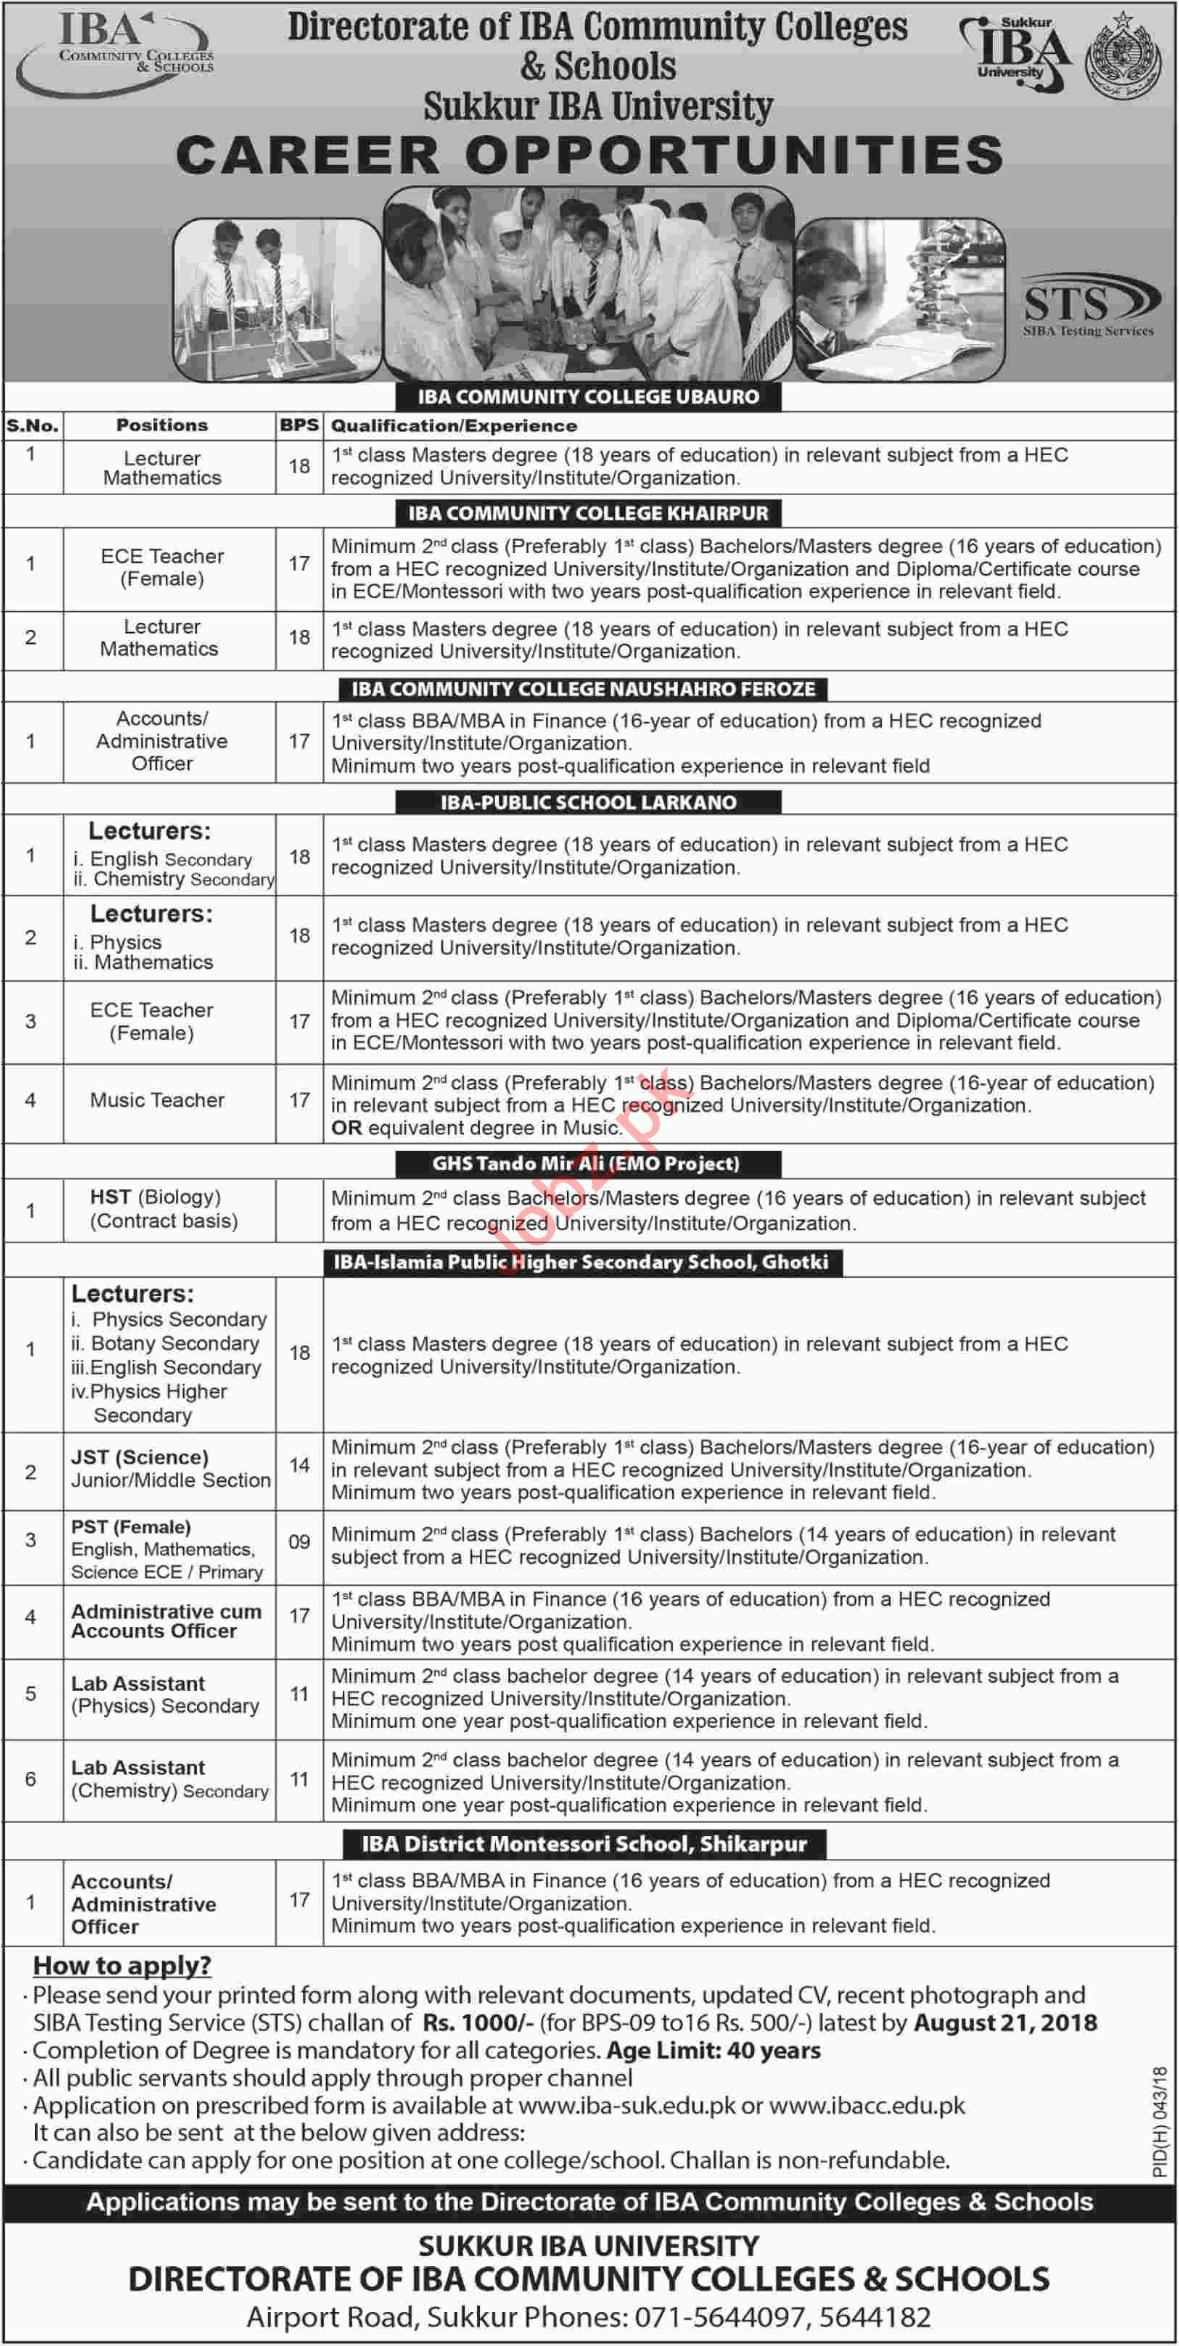 Jobs at Sukkur IBA University